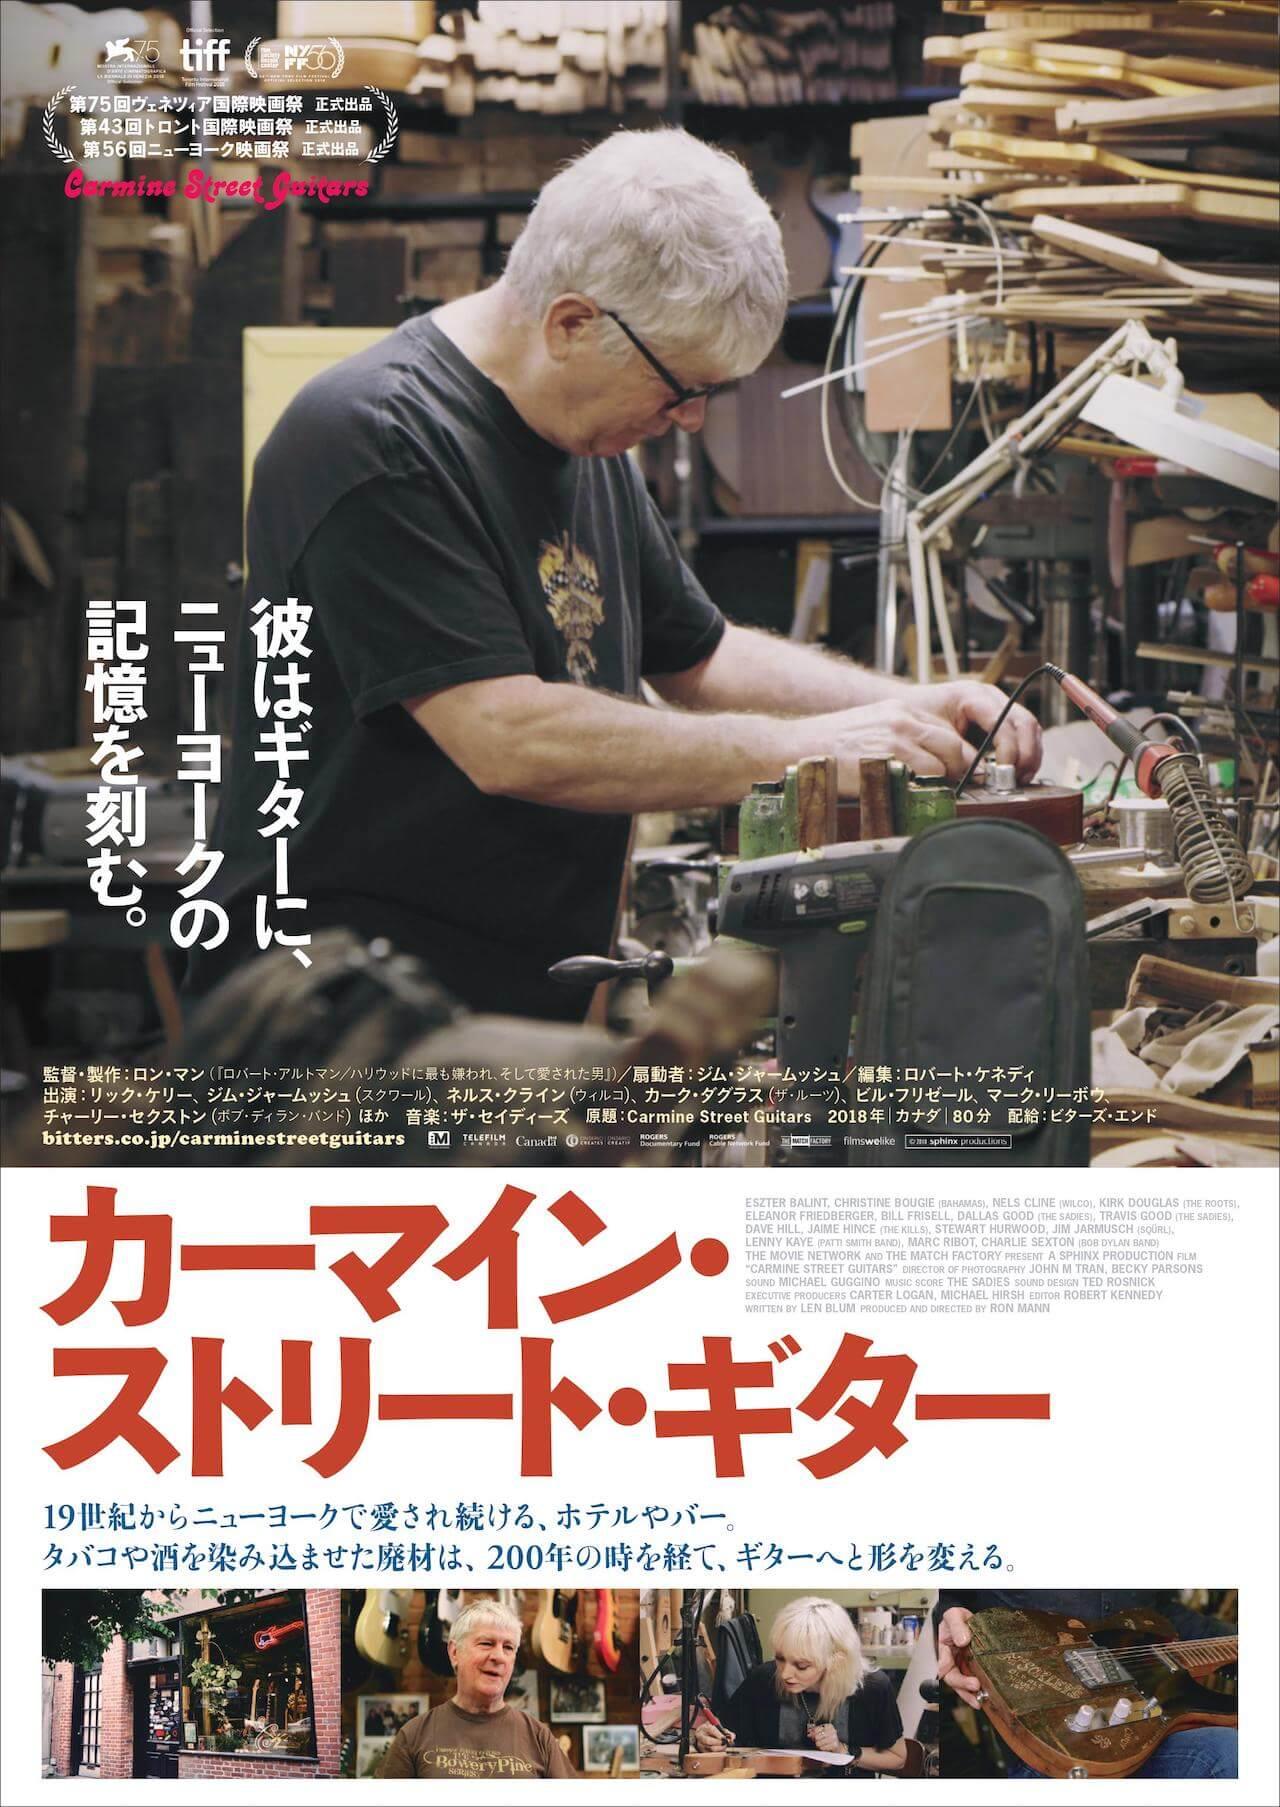 NYにあるギターショップのドキュメンタリー映画『カーマイン・ストリート・ギター』が本日より上映|山内総一郎、尾崎世界観、ハマ・オカモトらがコメントを寄せる fiml190810-carminestreertguitars-1